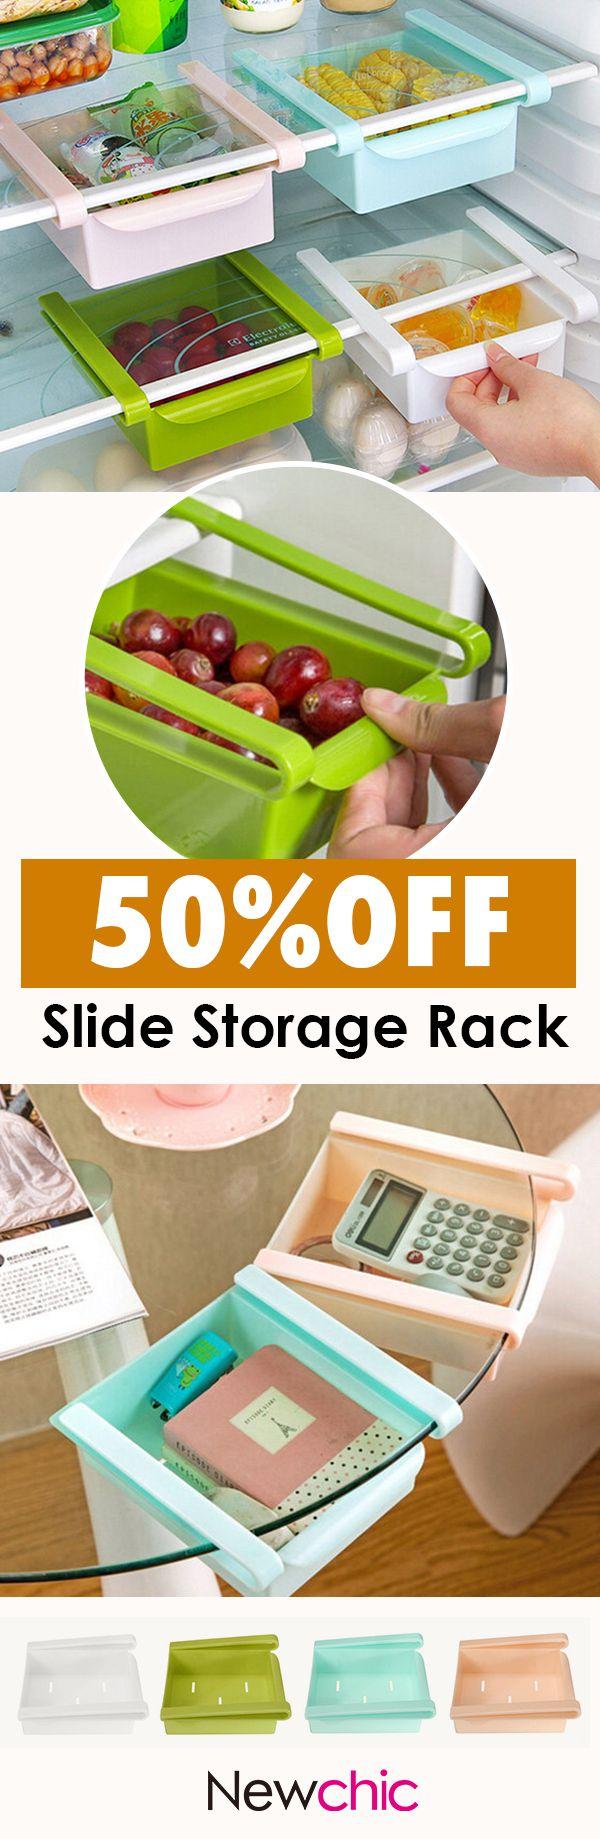 Us slide kitchen fridge freezer space saver organizer storage